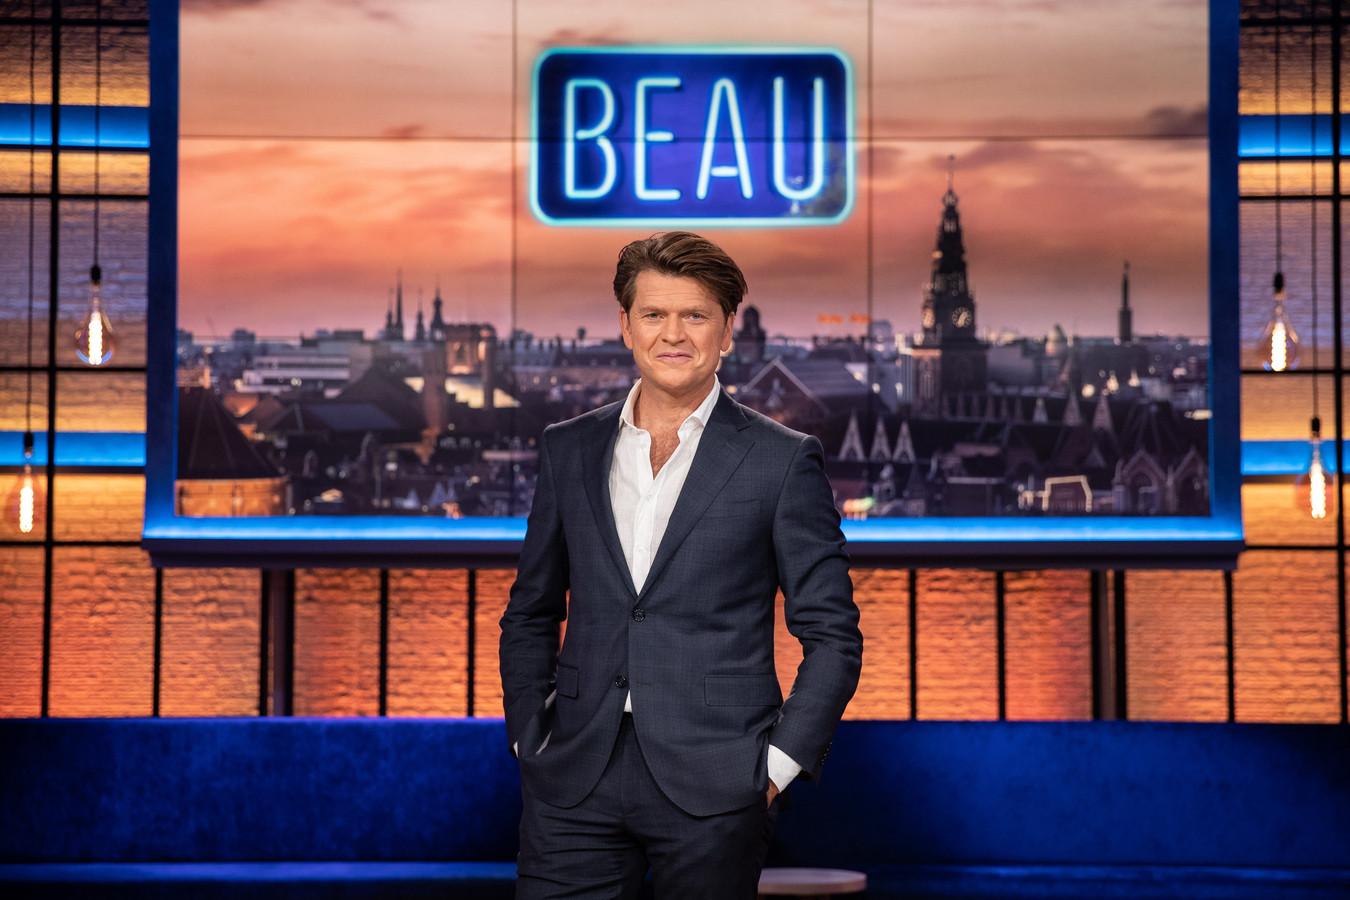 Beau van Erven Dorens zendt de komende week uit vanuit Kantine Walhalla